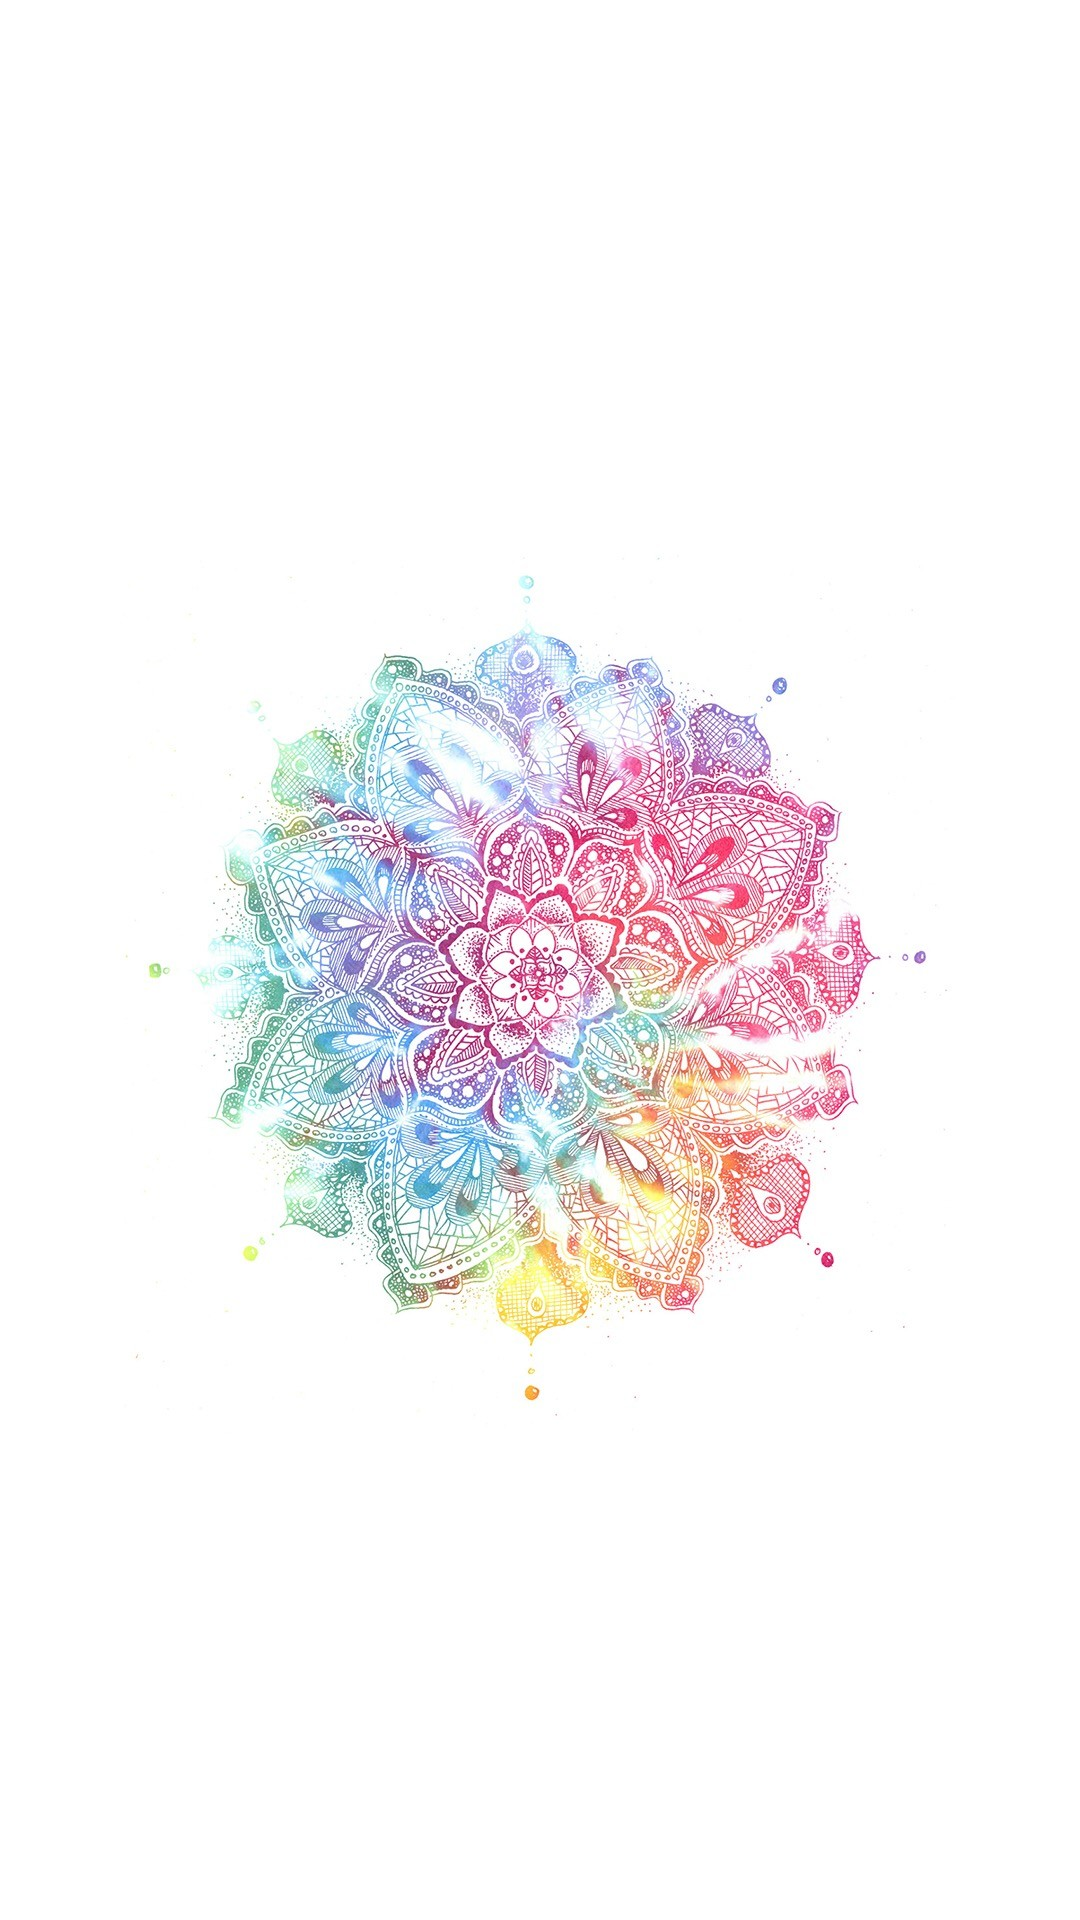 Mandala Iphone Wallpaper 67 Images